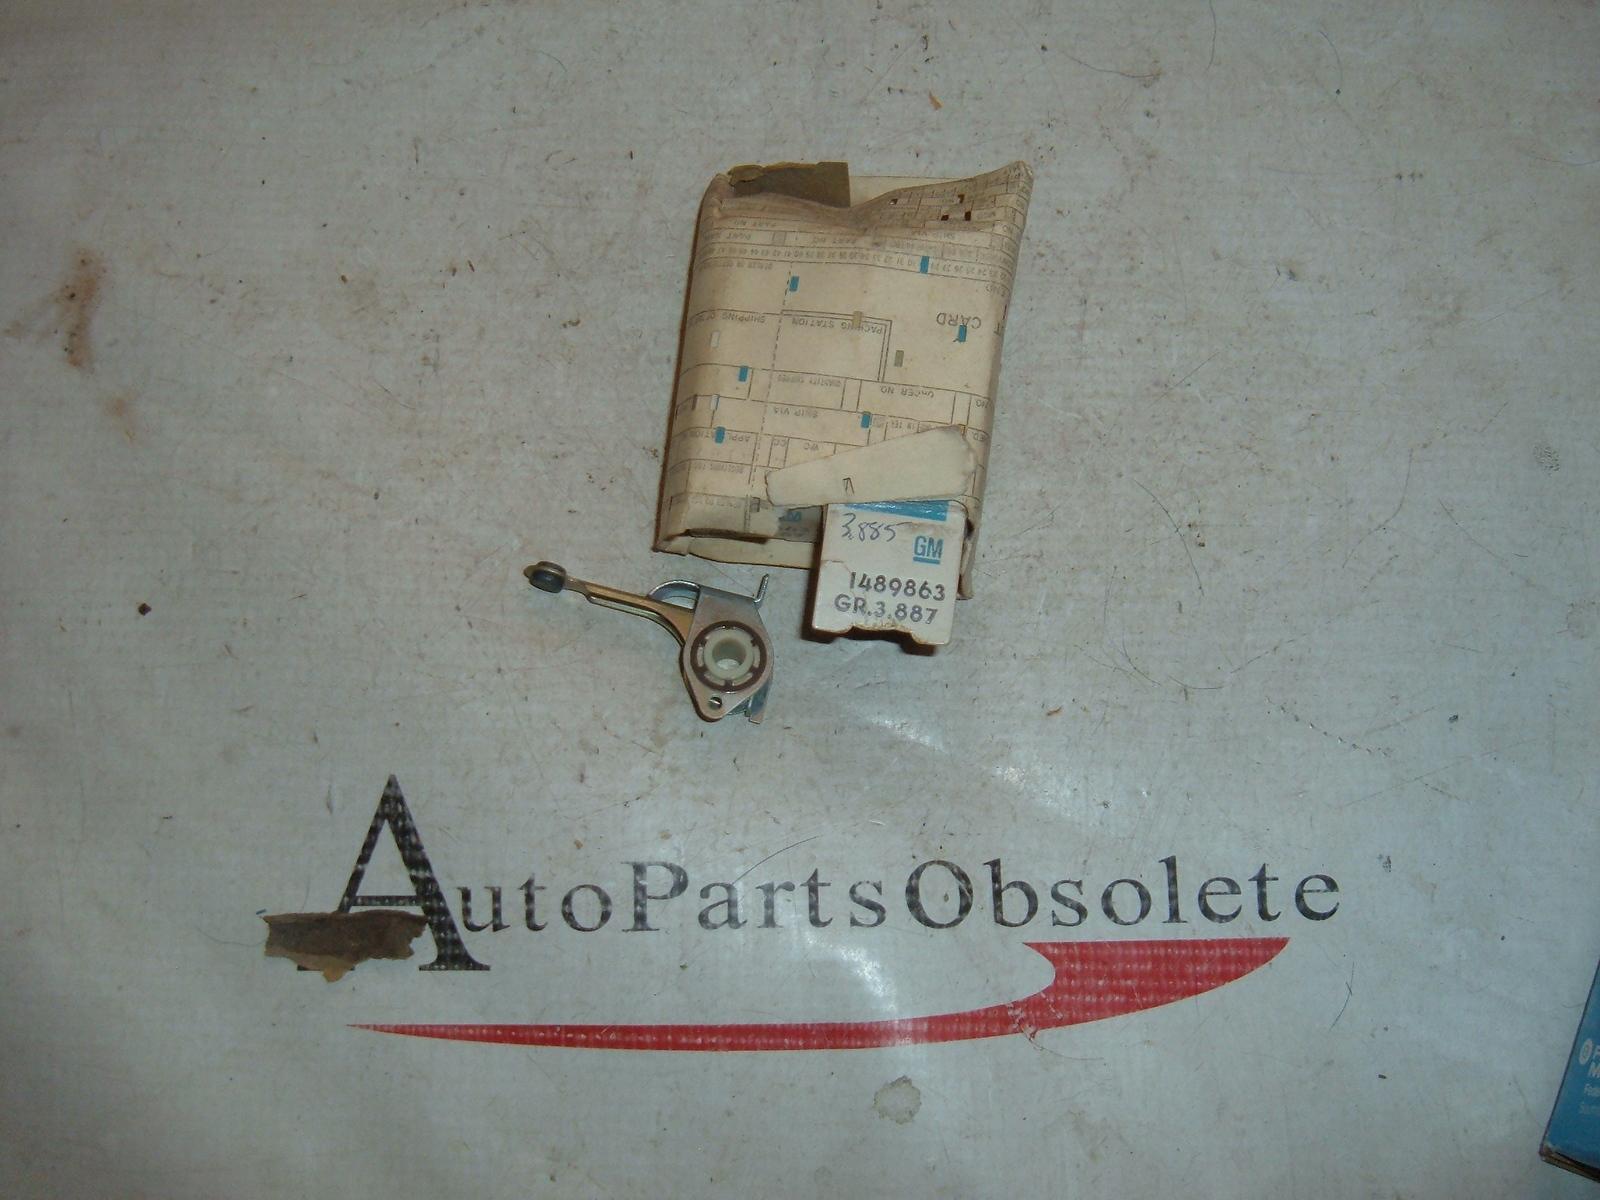 1967 68 cadillac oldsmobile pontiac buick cruise control contact nos # 1489863 (z 1489863)